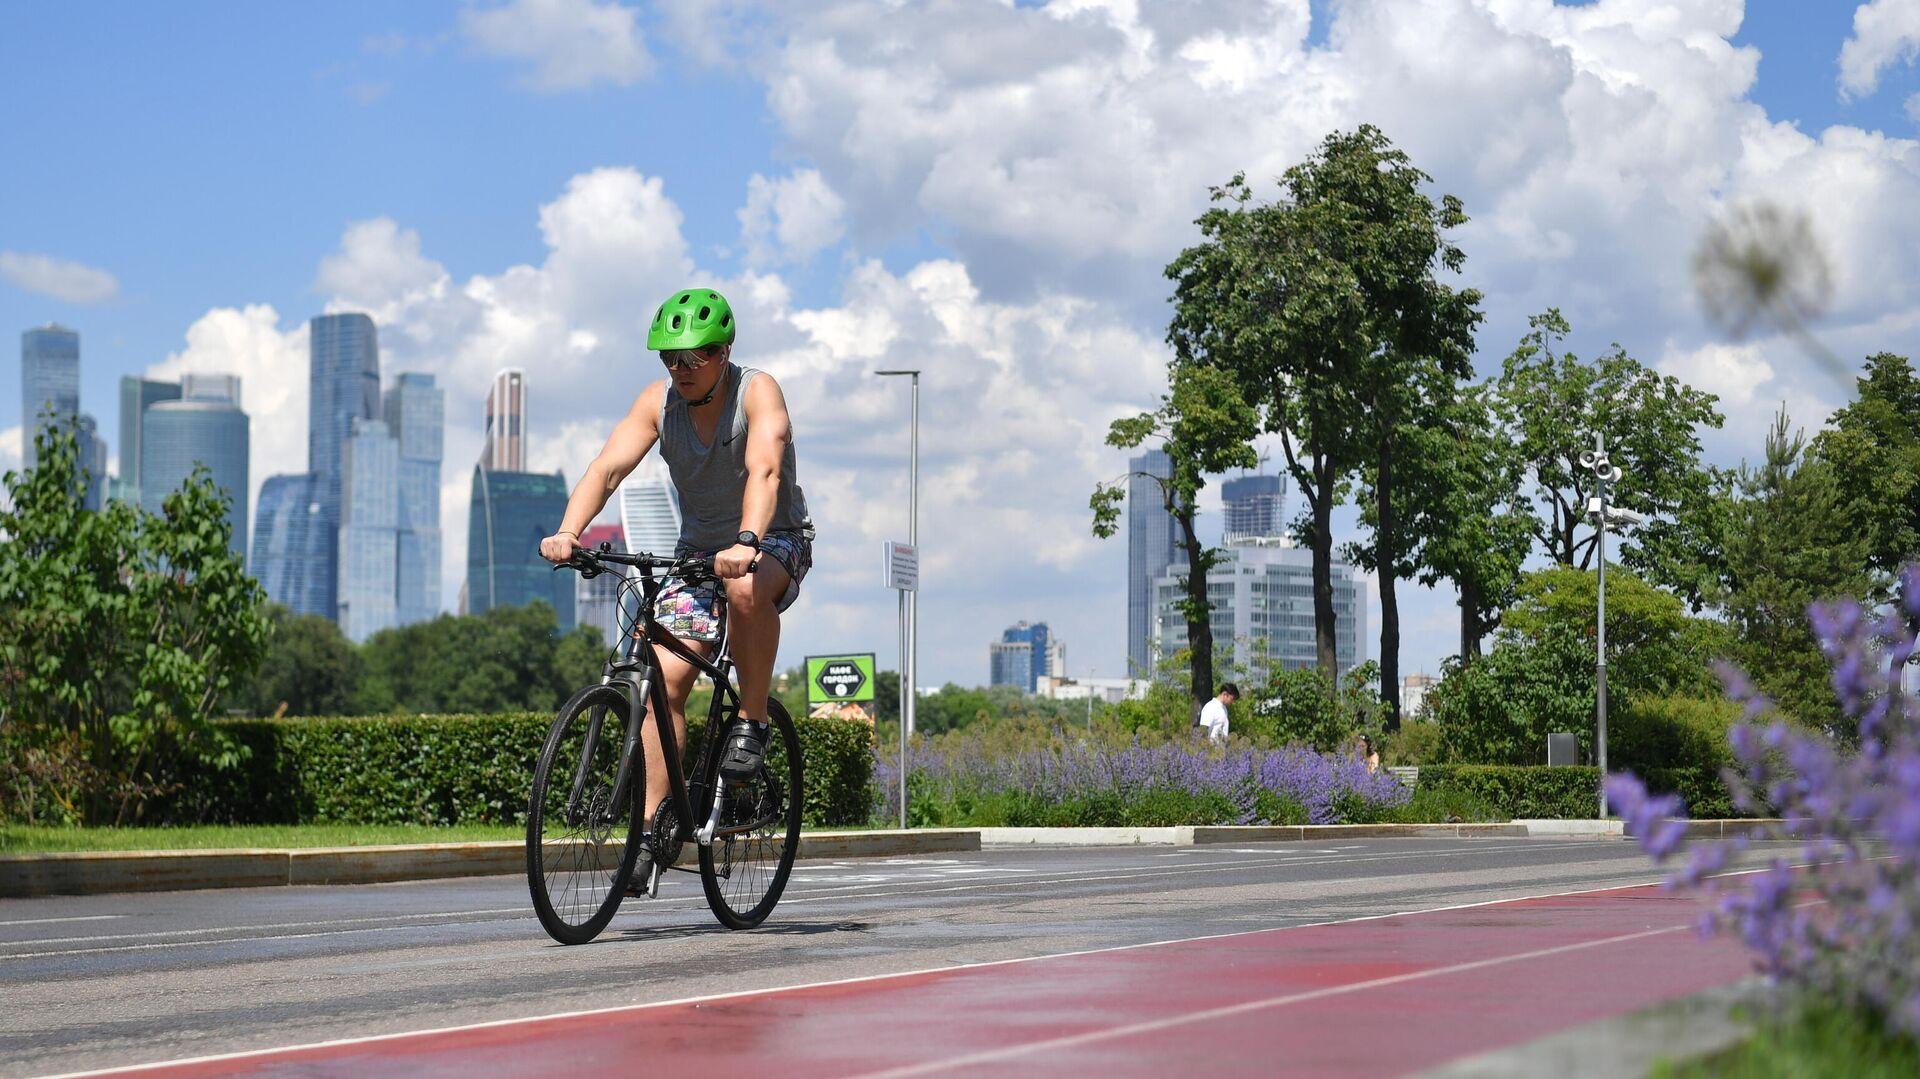 Велосипедист на Лужнецкой набережной в Москве - РИА Новости, 1920, 08.07.2021